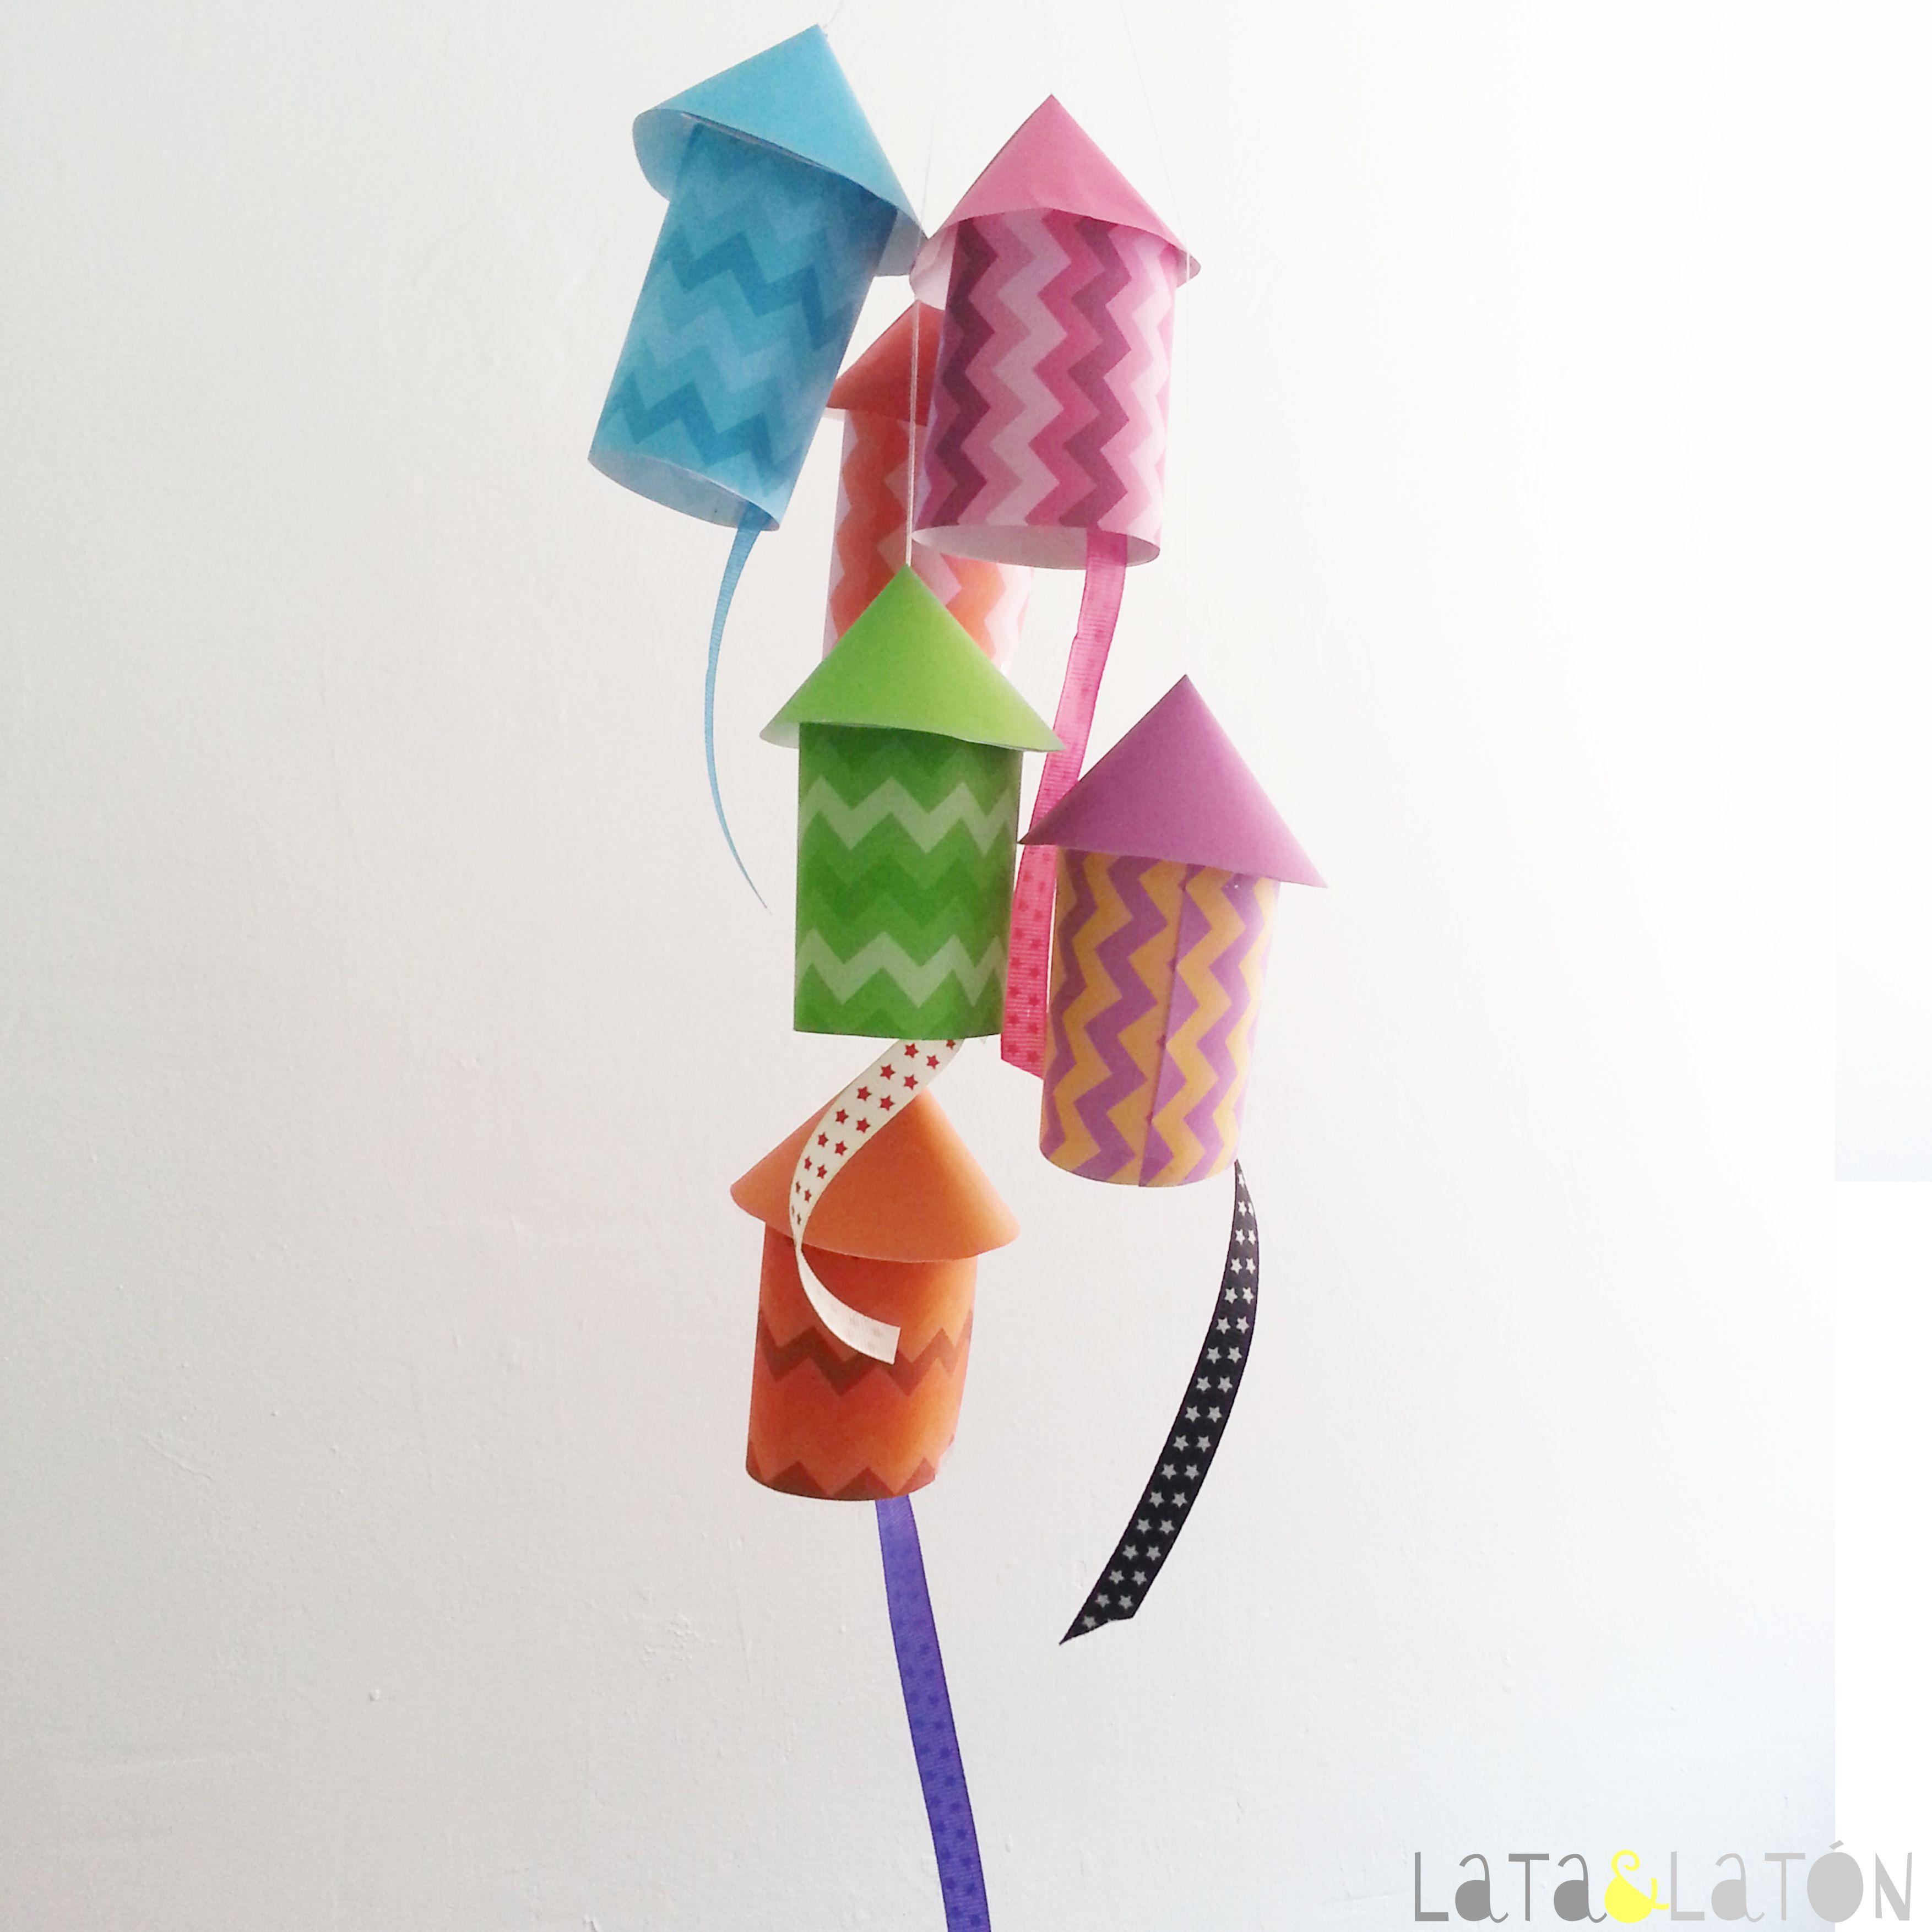 Manualidades con papel: cohetes de papel | Fiestas | Pinterest ...